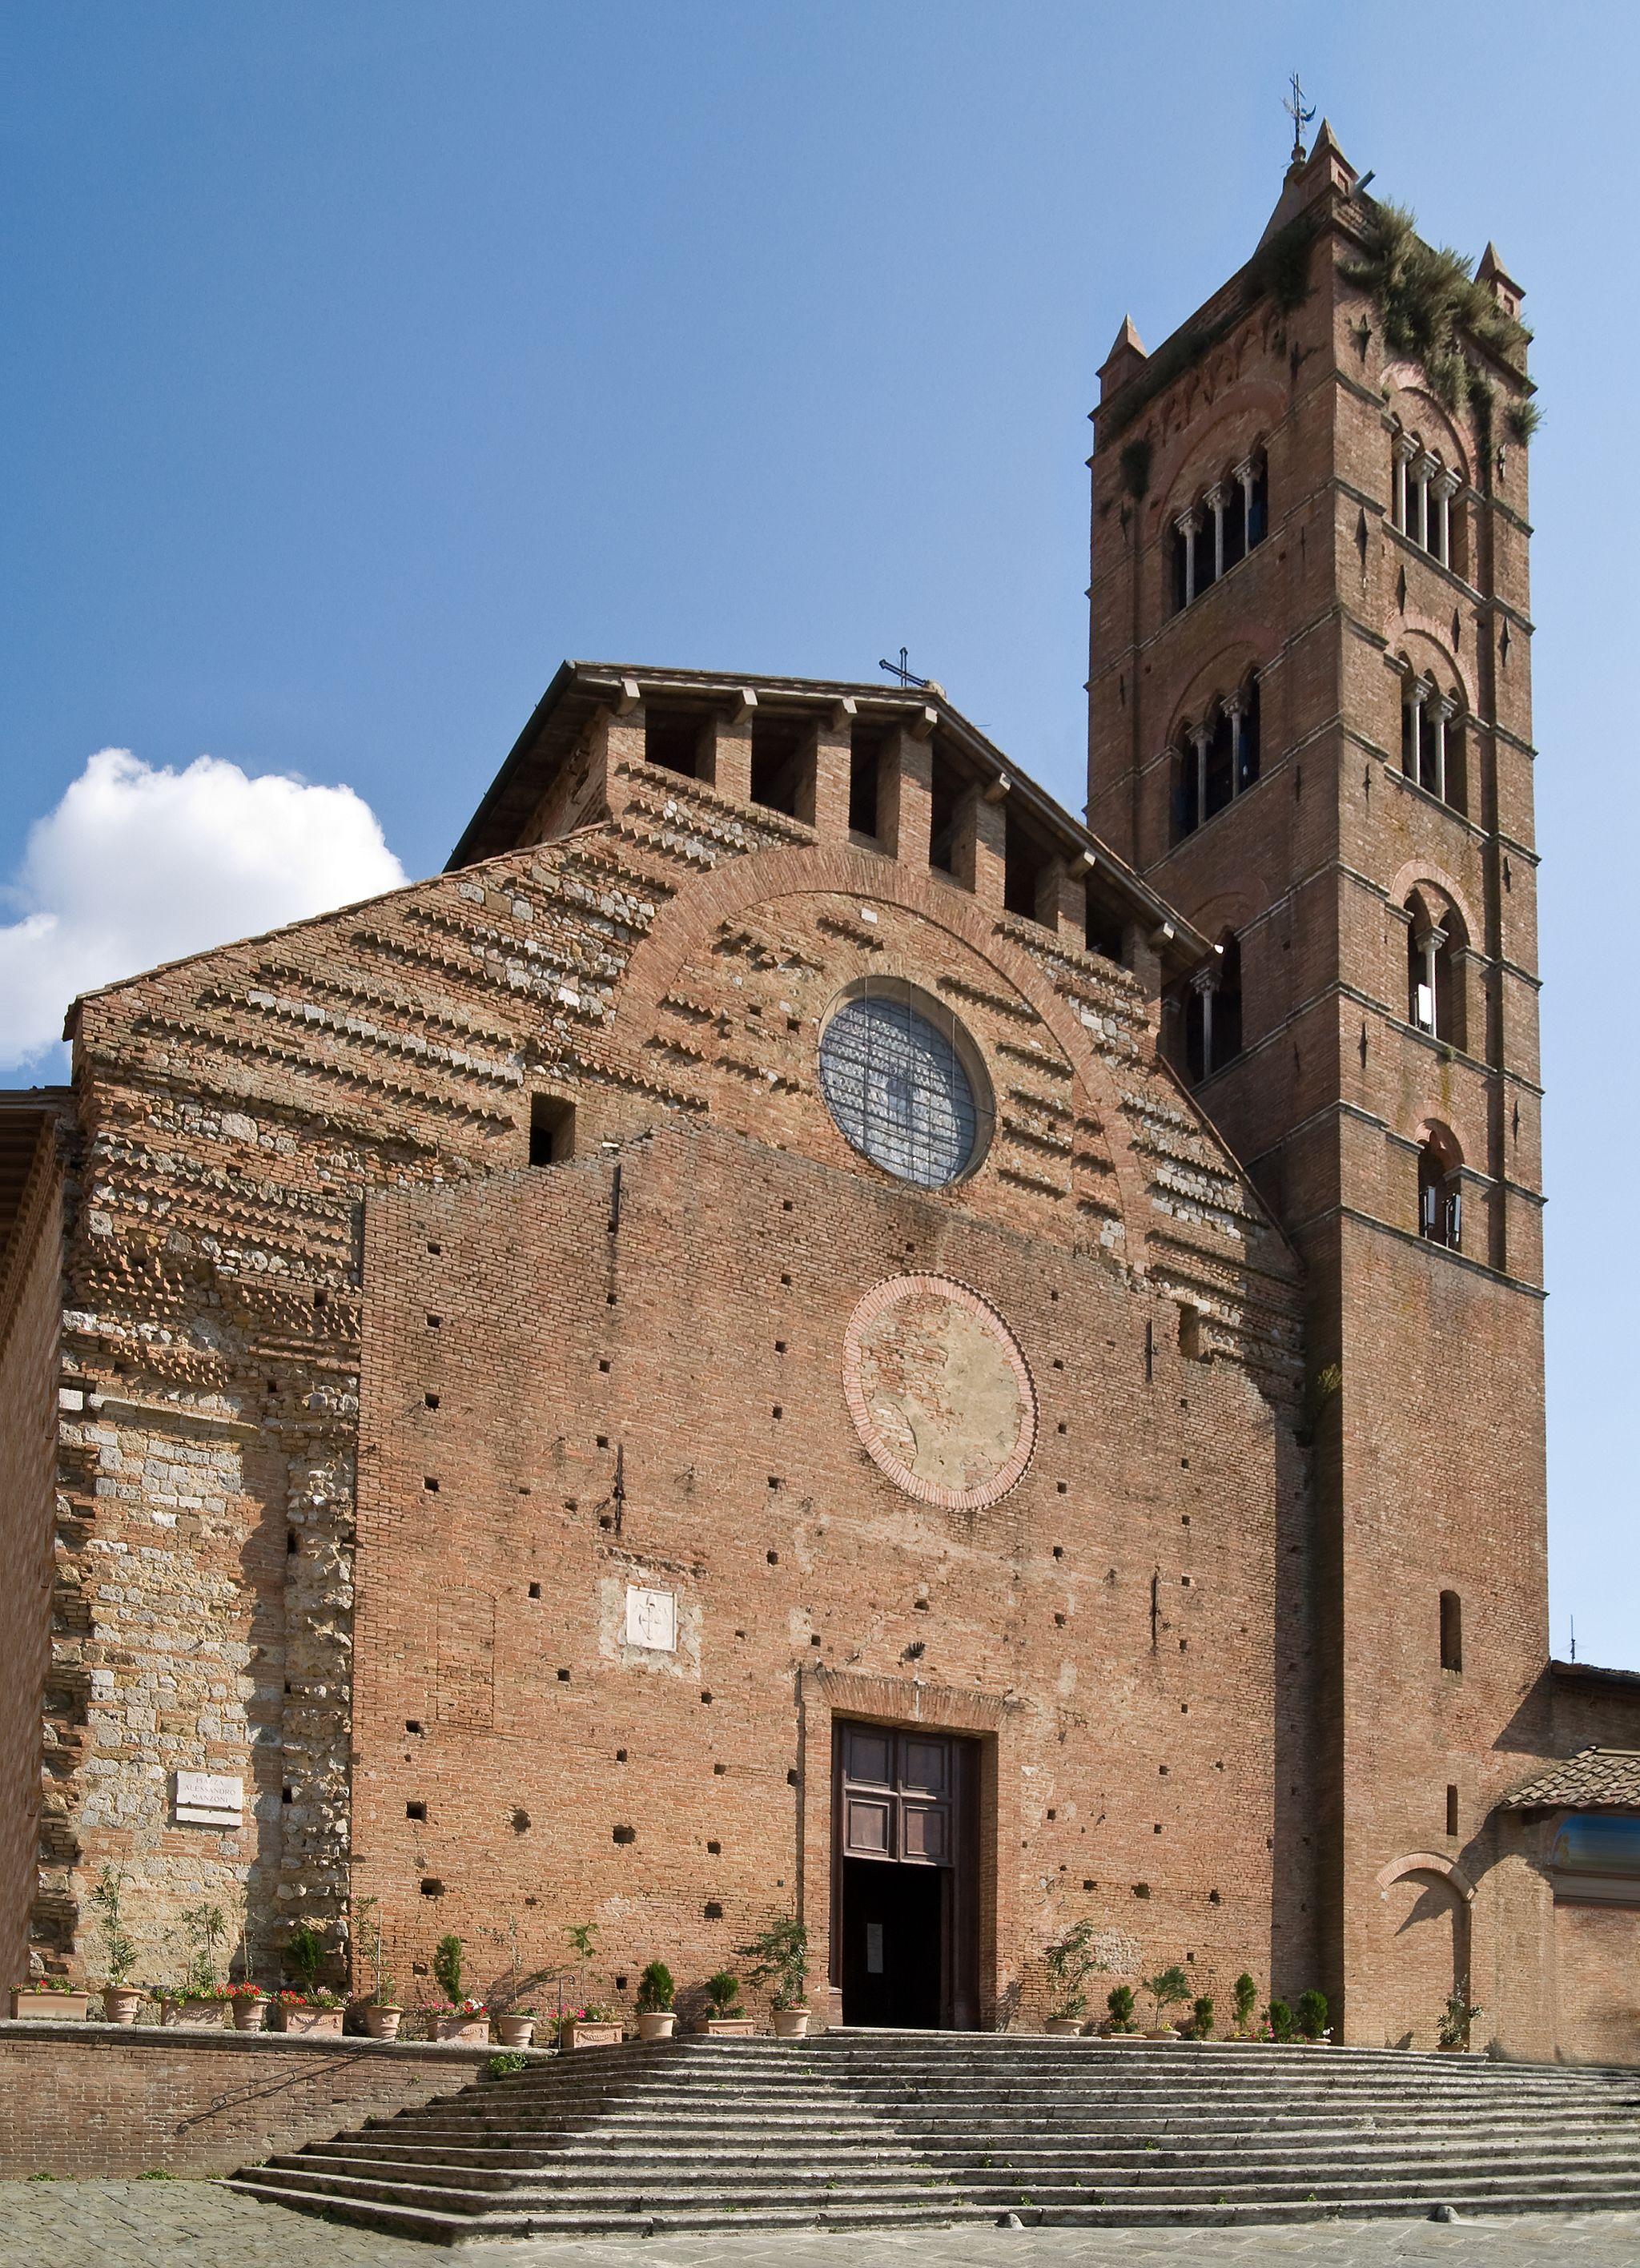 La basilica di San Clemente in Santa Maria dei Servi, Siena